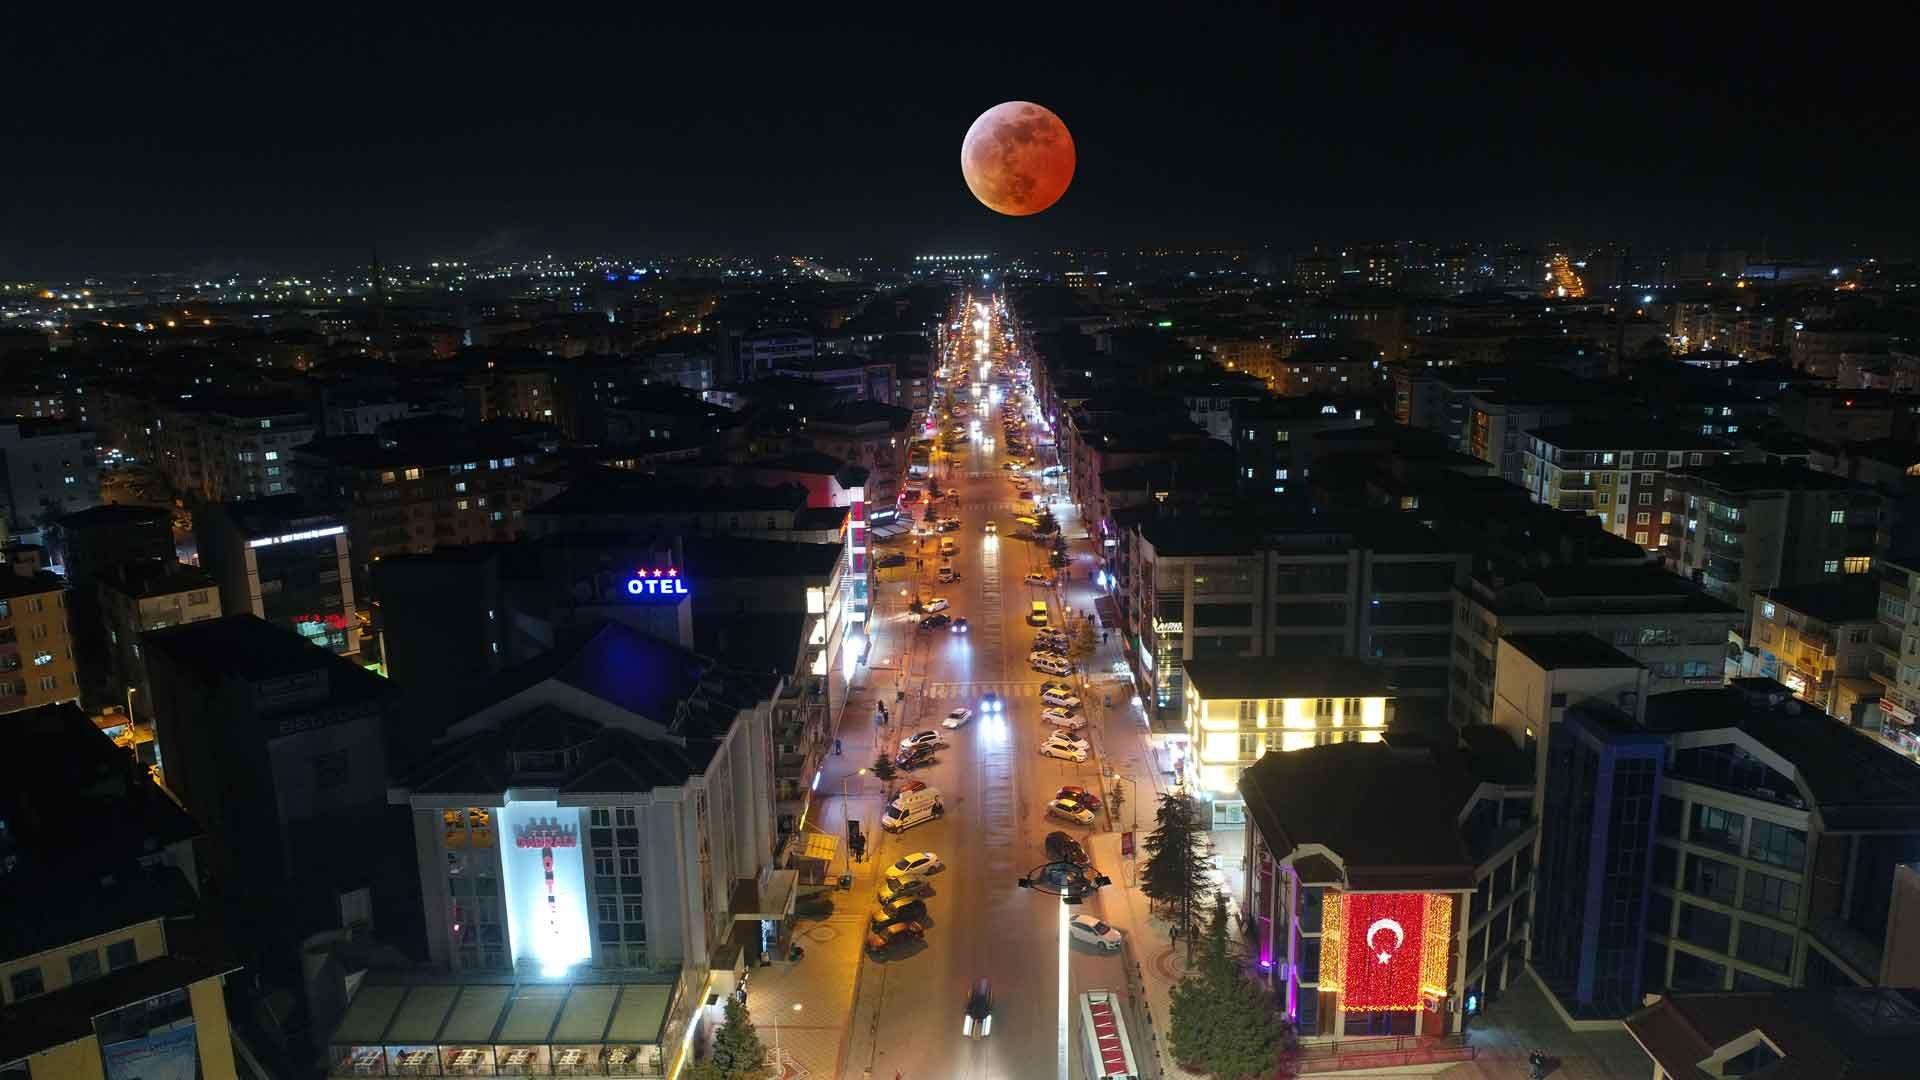 çerkezköy gece drone çerkezköy - DJI 0067 1920x1080 - Drone Çerkezköy